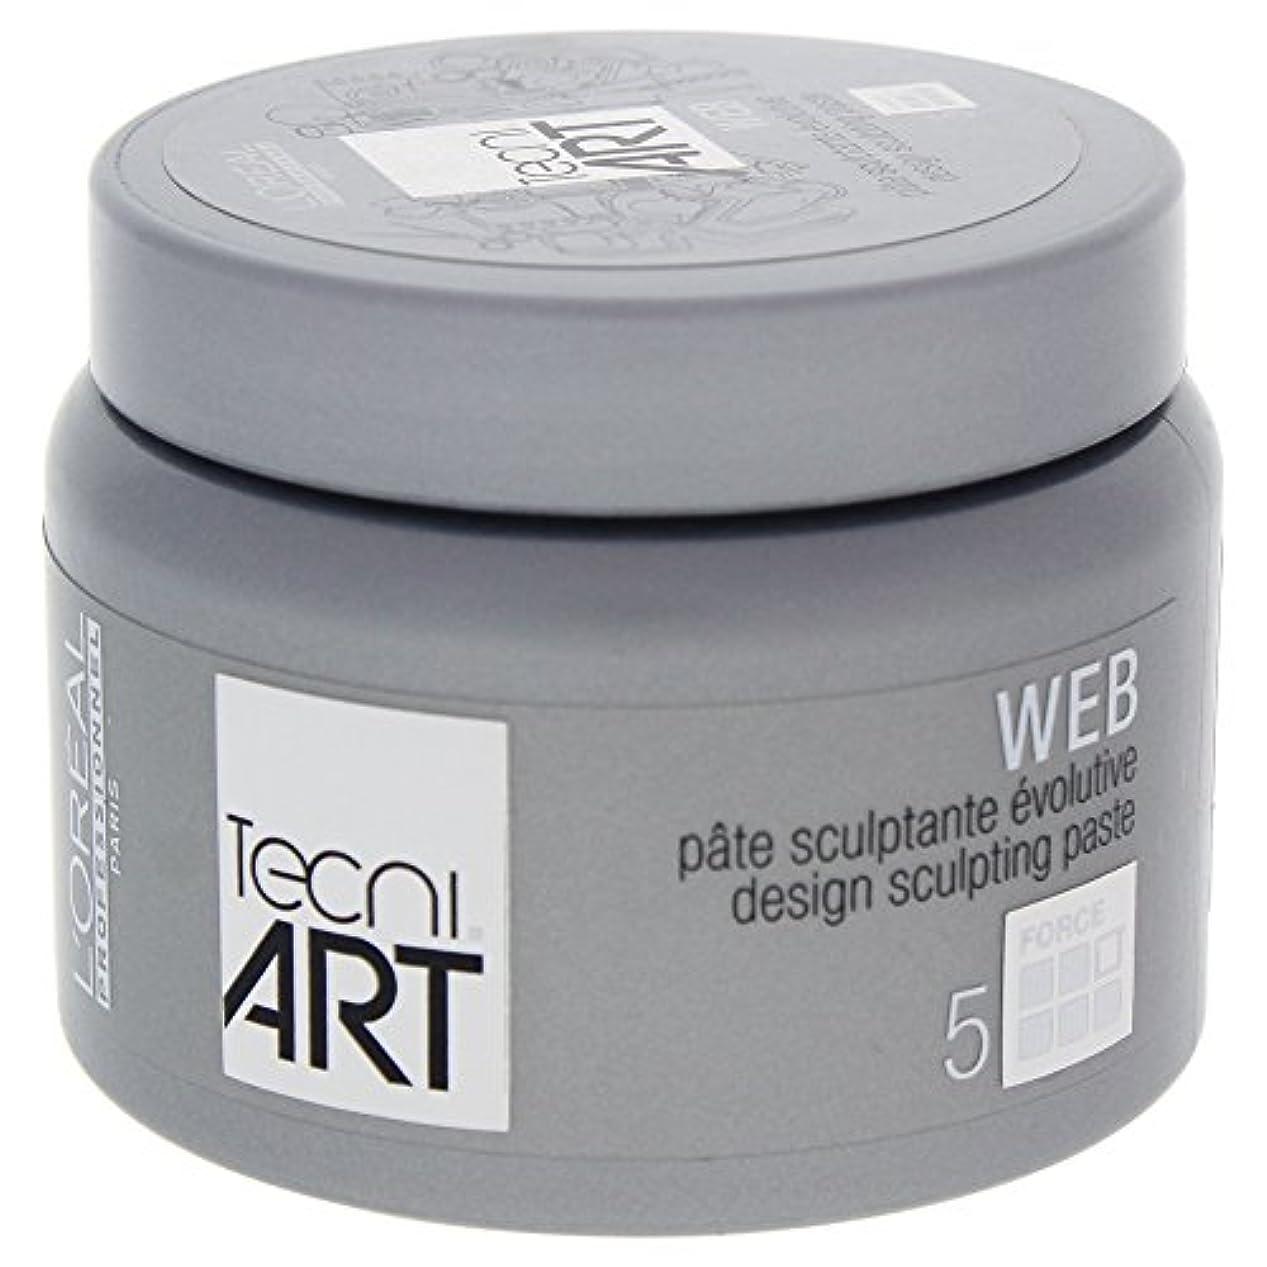 どこにでも愛する調停するロレアルテクニアートTecni Art Force 5 Web Design Sculpting Paste